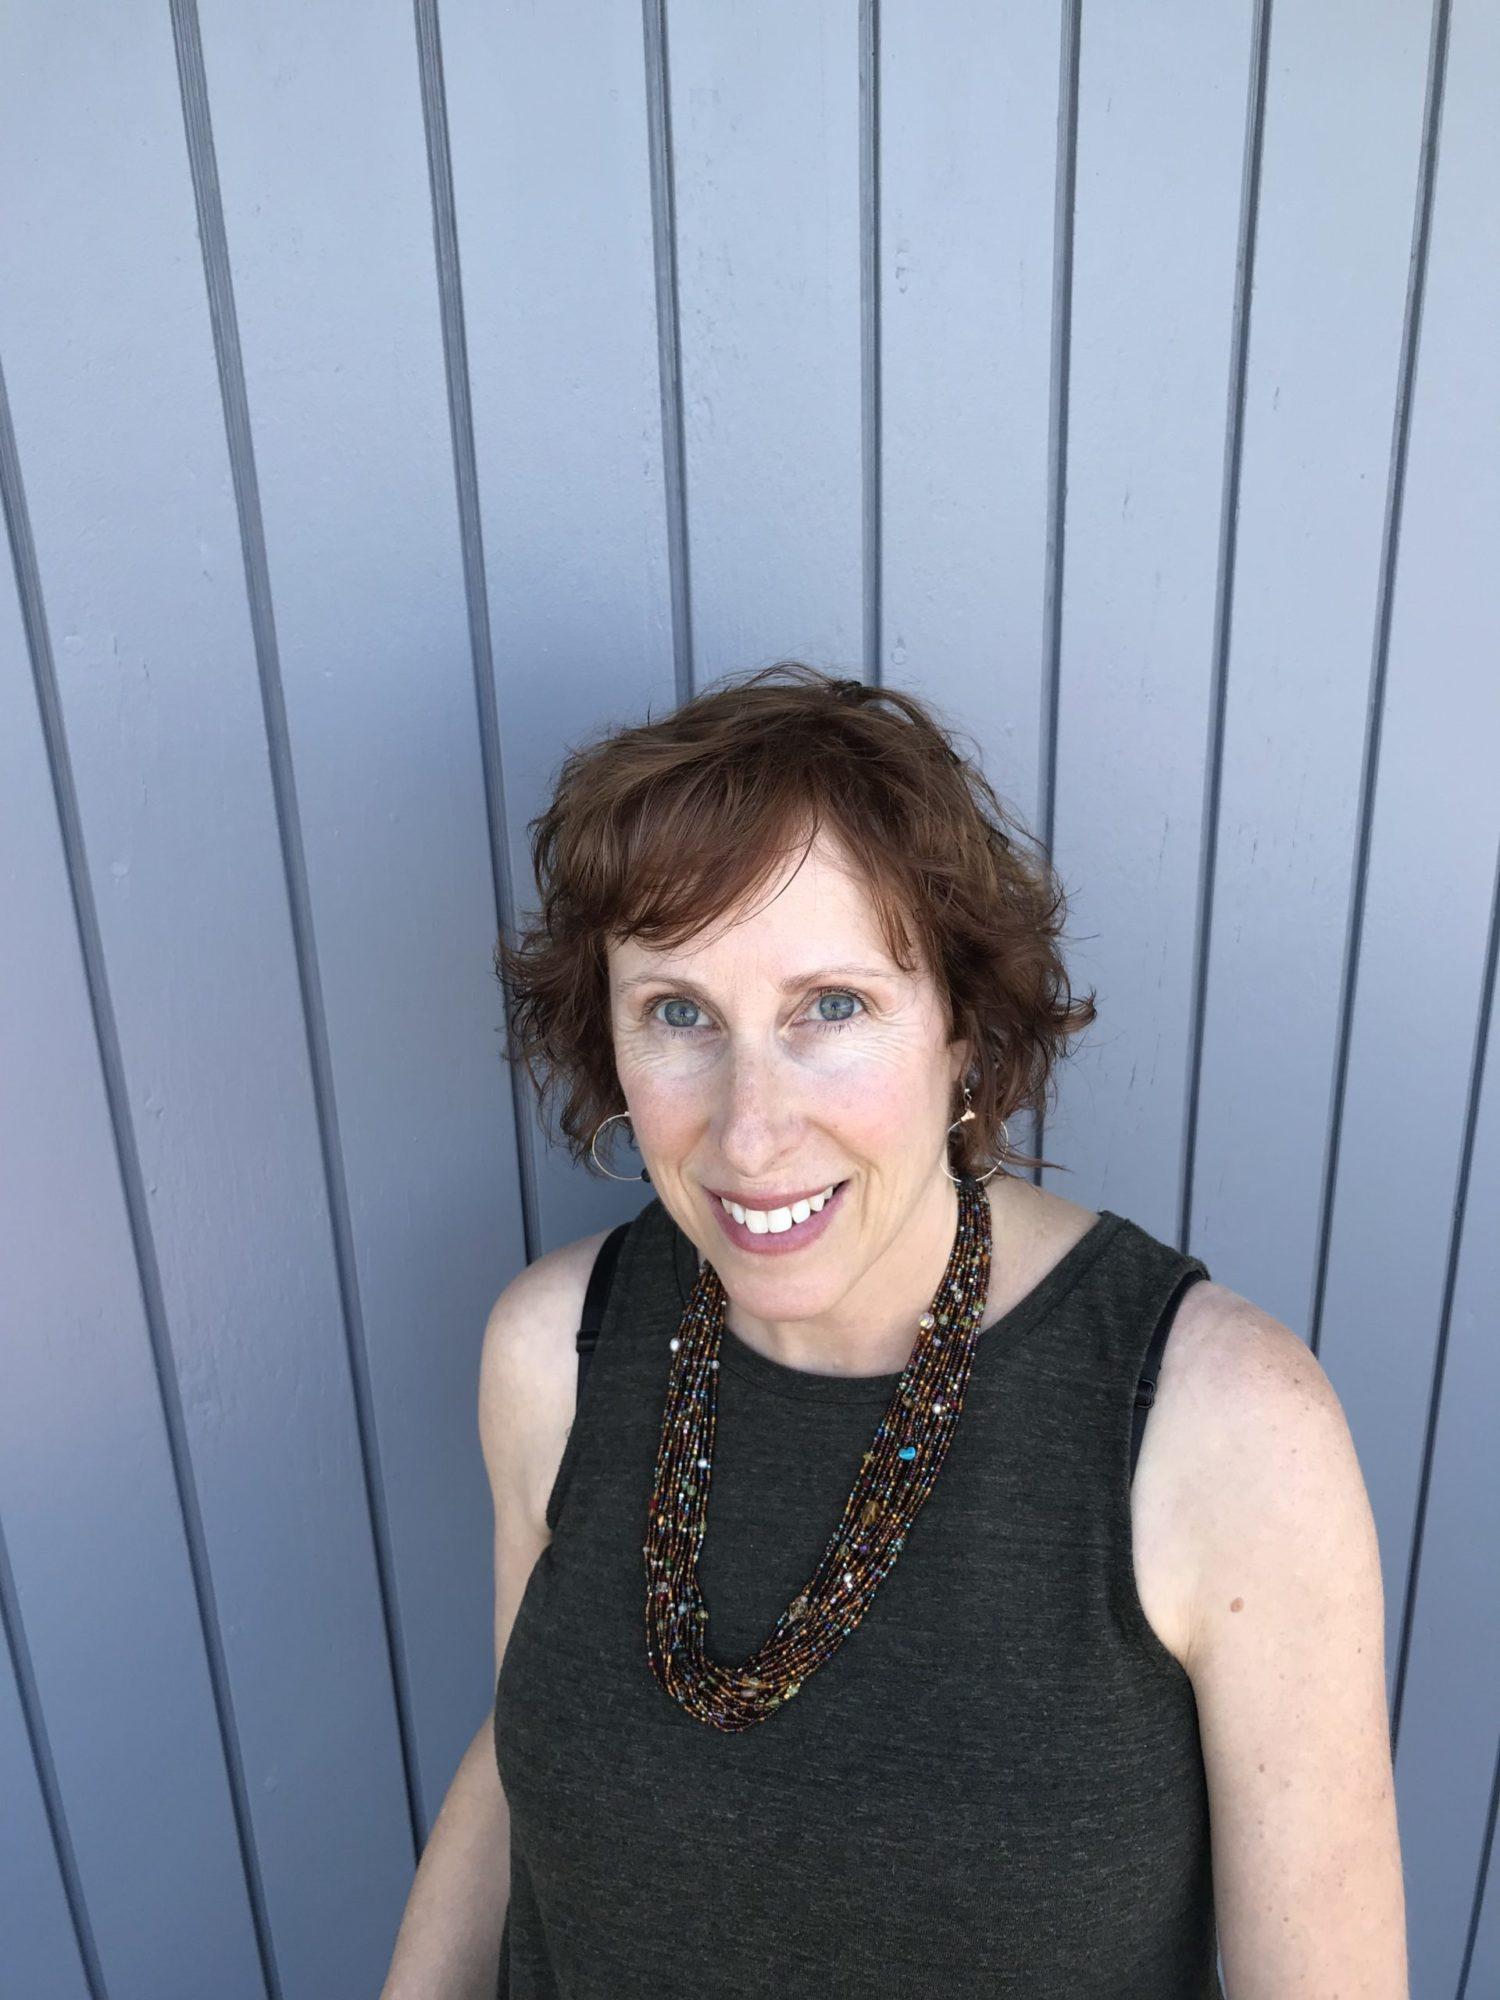 Annette Rivlin-Gutman